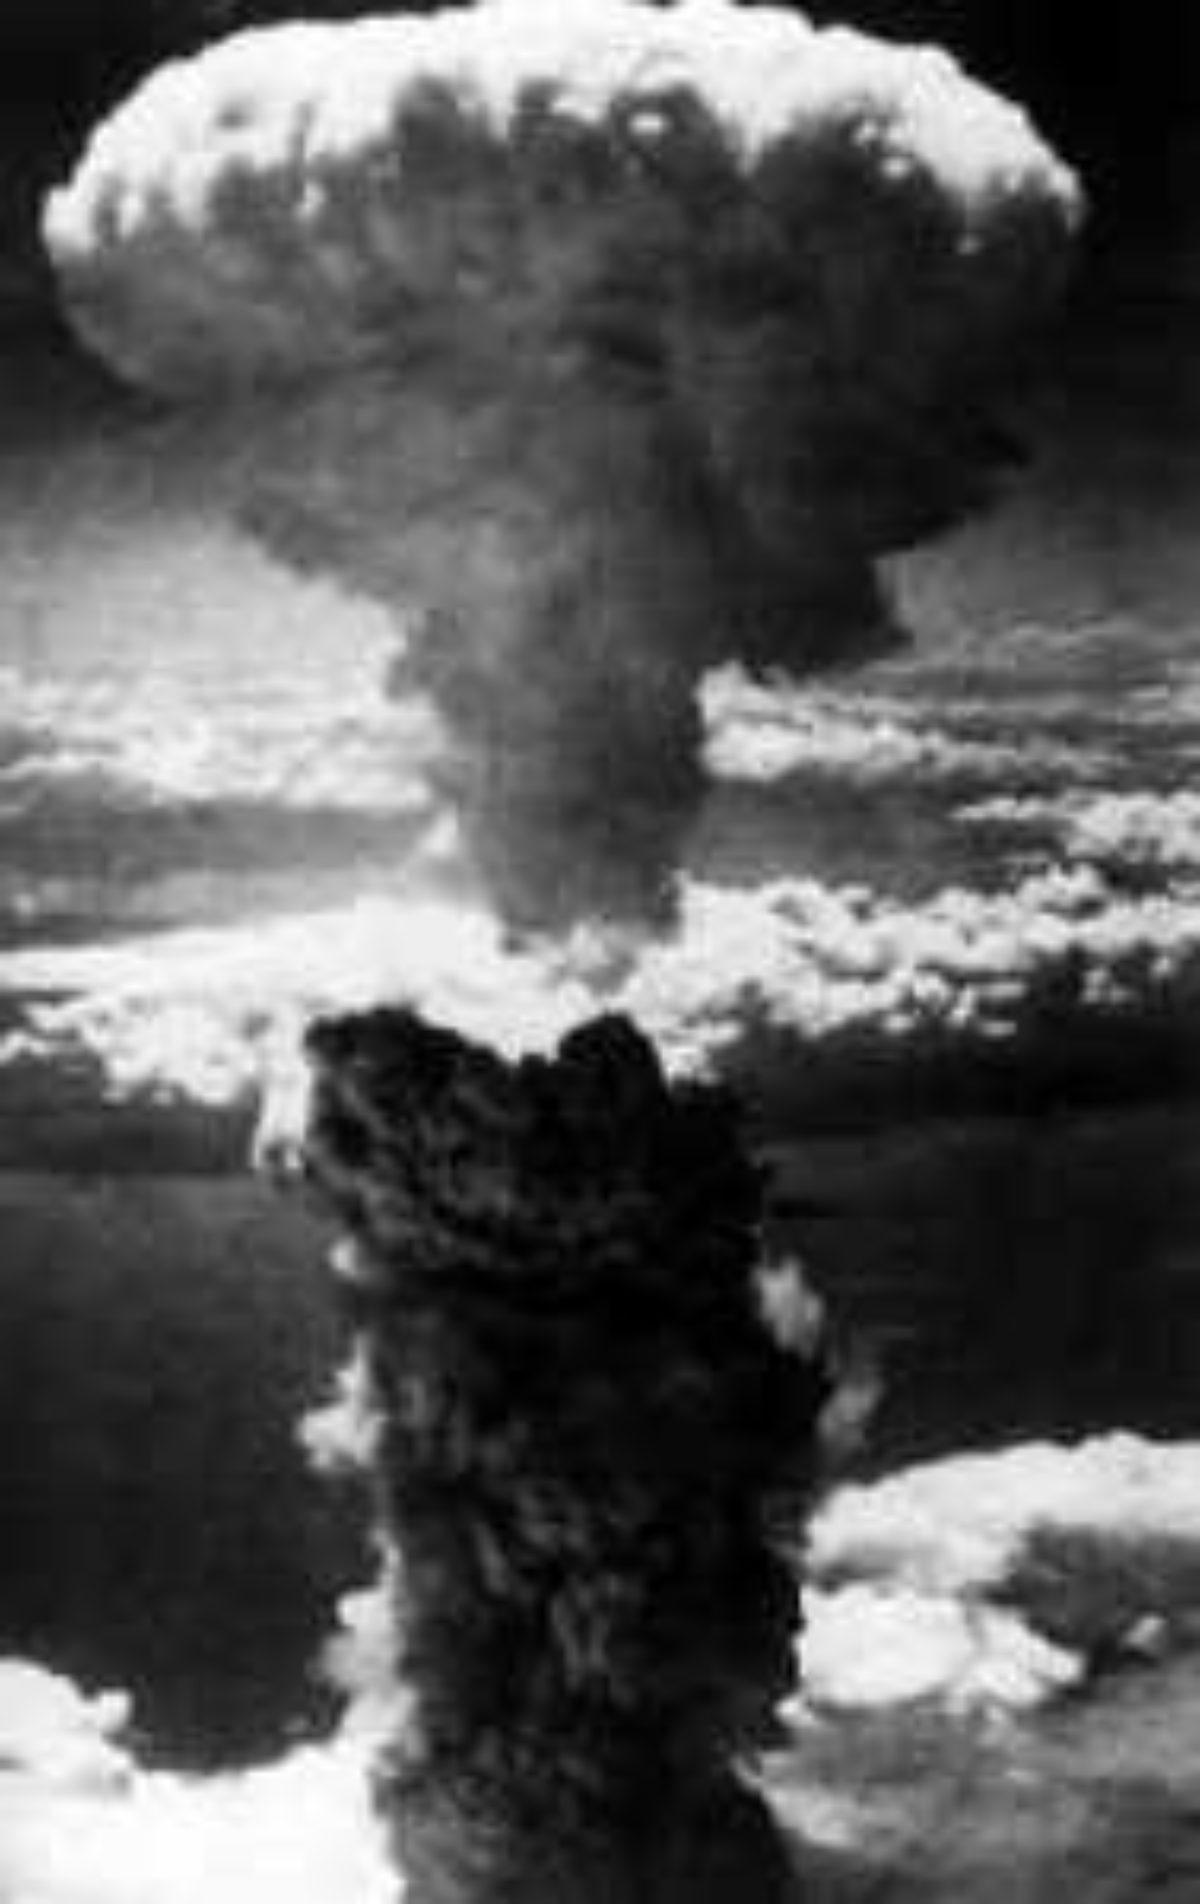 Bom Atom Pertama Dijatuhkan Di Kota Hiroshima Pada Tanggal : pertama, dijatuhkan, hiroshima, tanggal, Serangan, Udara, Paling, Dahsyat, (Bagian